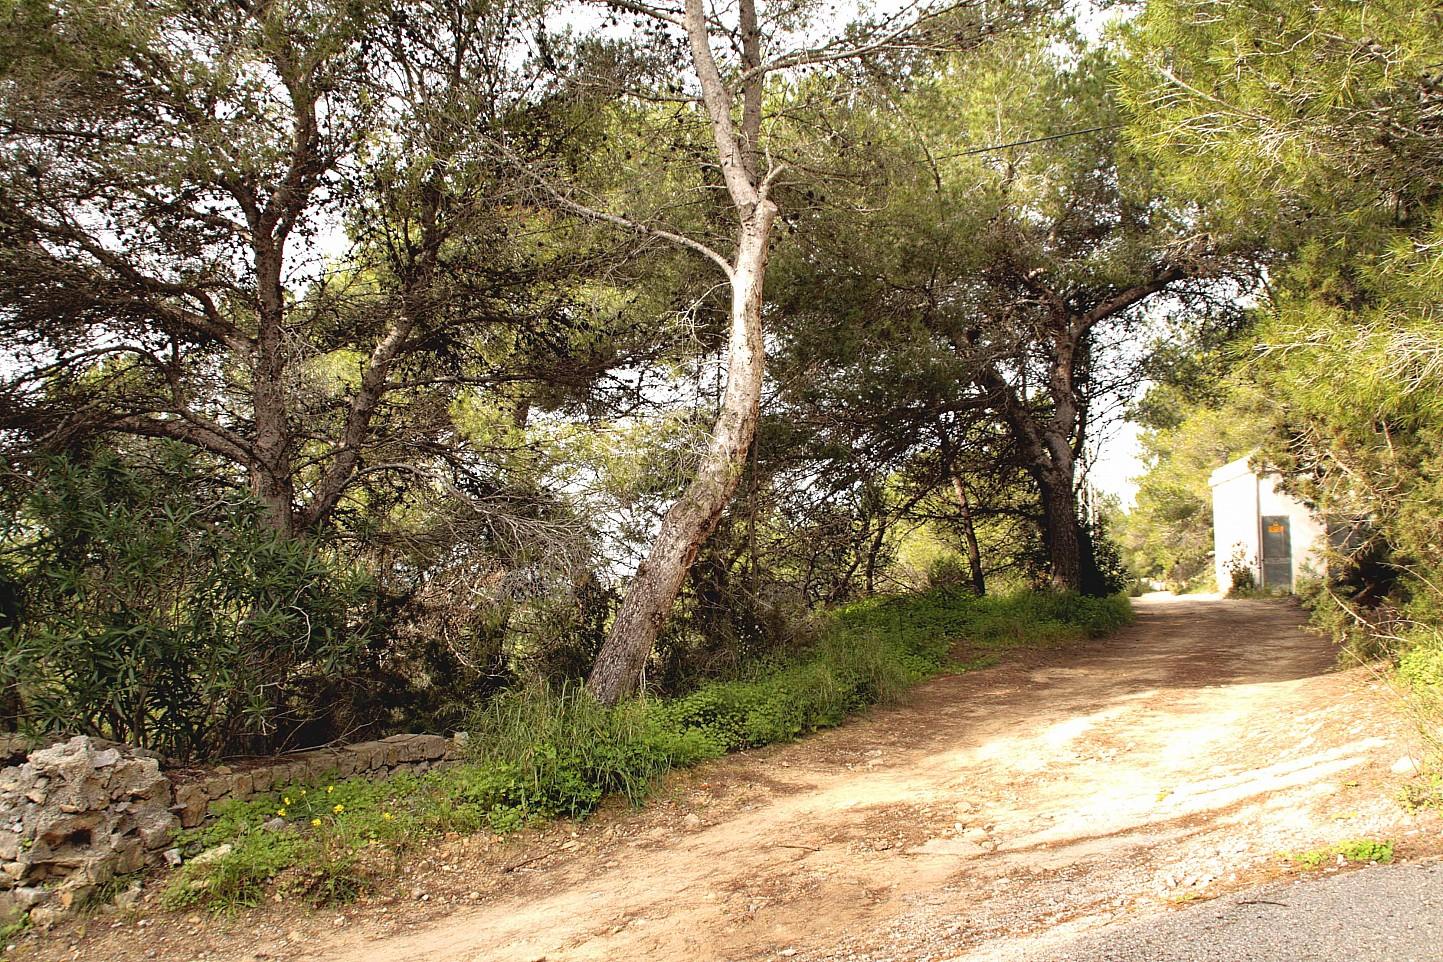 terreno boscoso en venta en urbanización de lujo en Ibiza